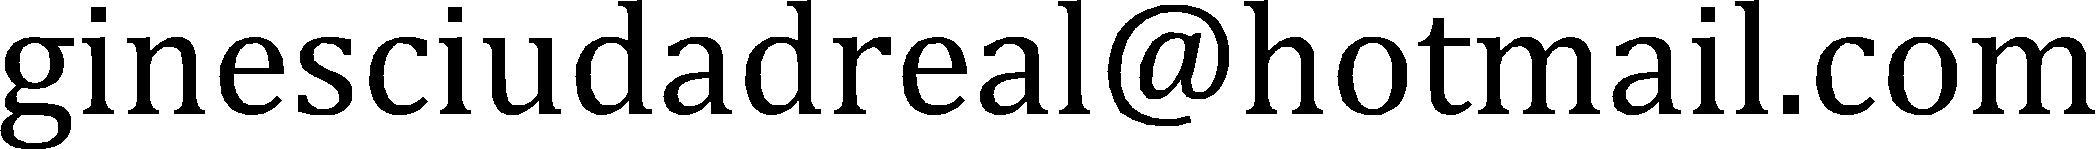 emailgines